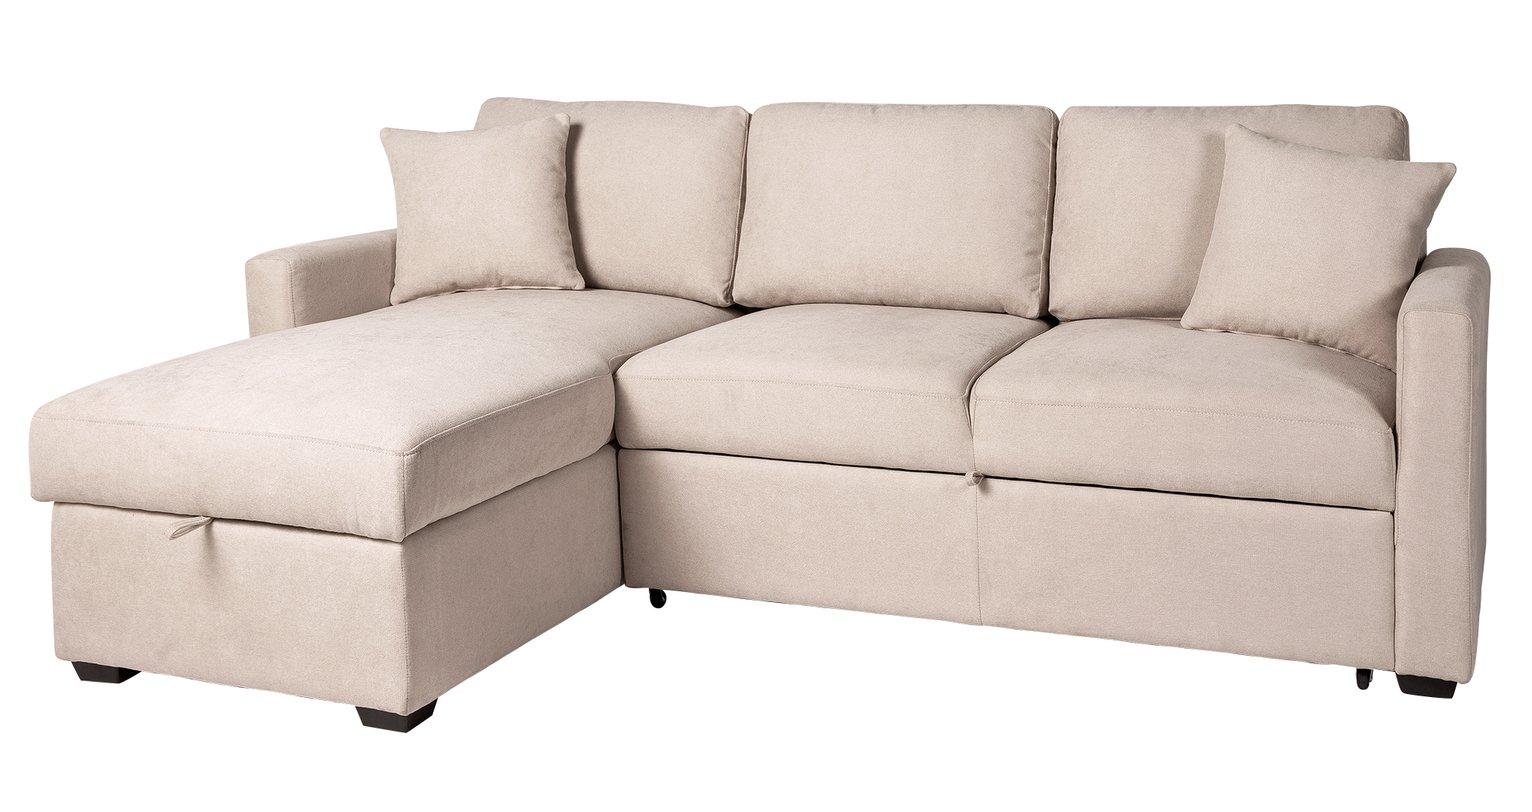 Argos Home Reagan Left Corner Fabric Sofa Bed - Natural